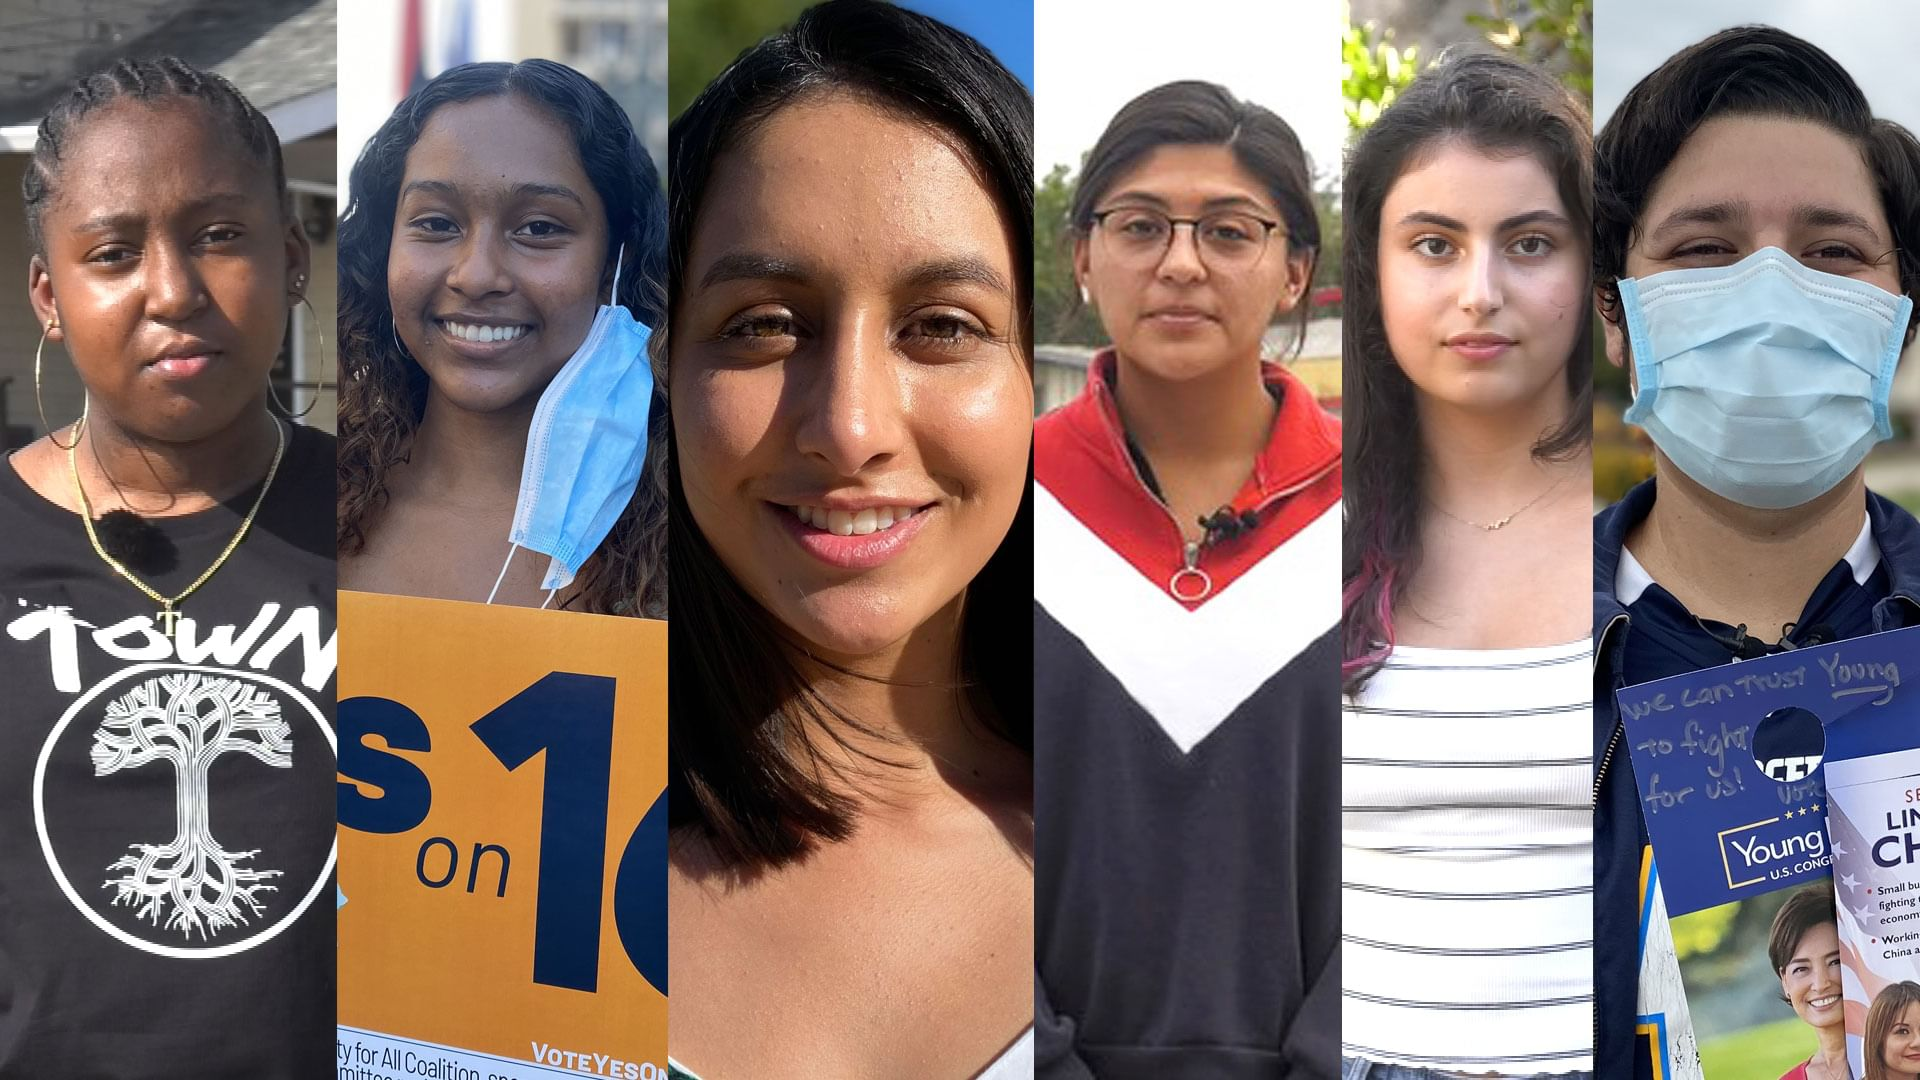 Young America : portrait d'une génération engagée